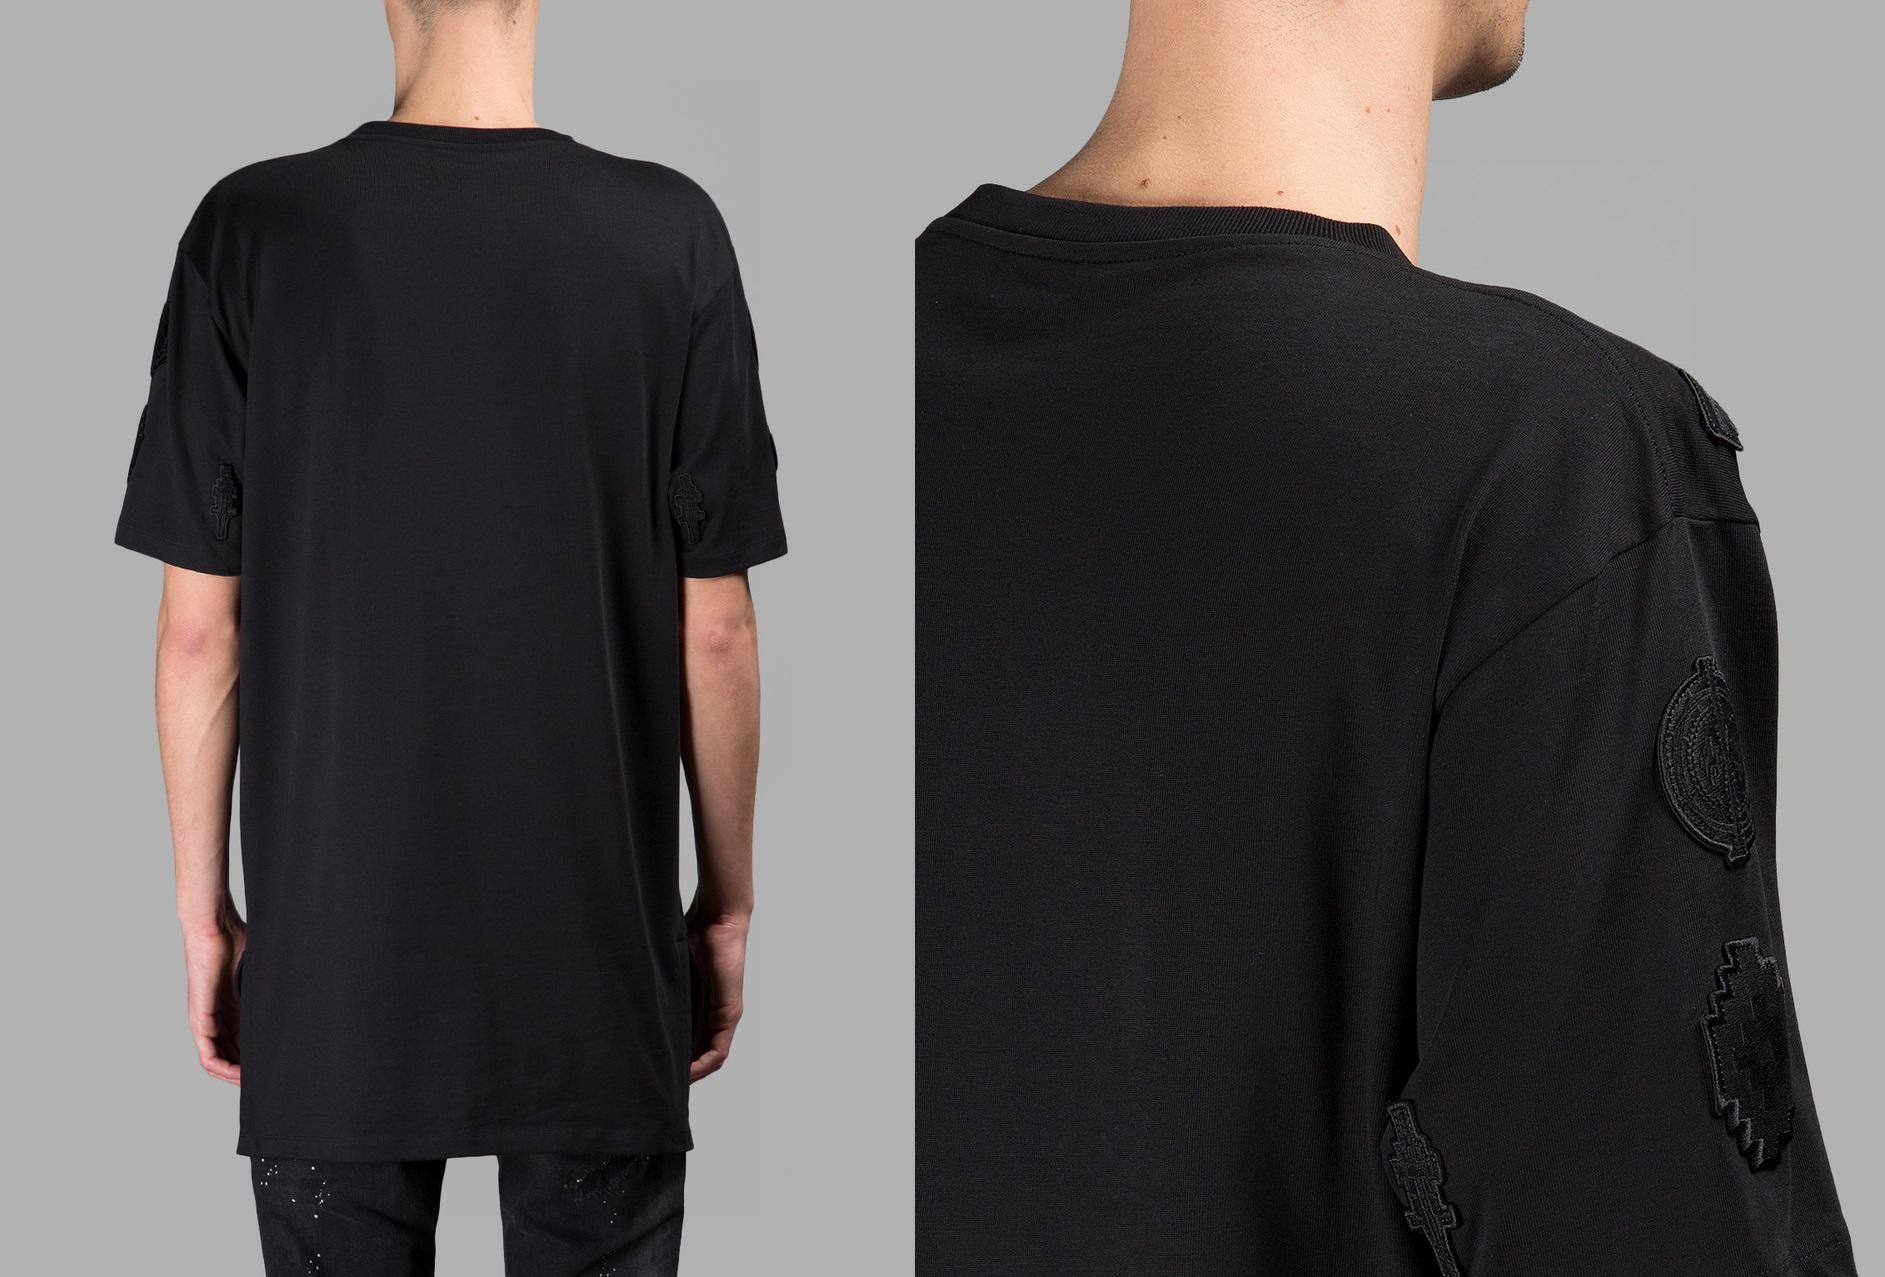 マルセロバーロンTシャツ (5)